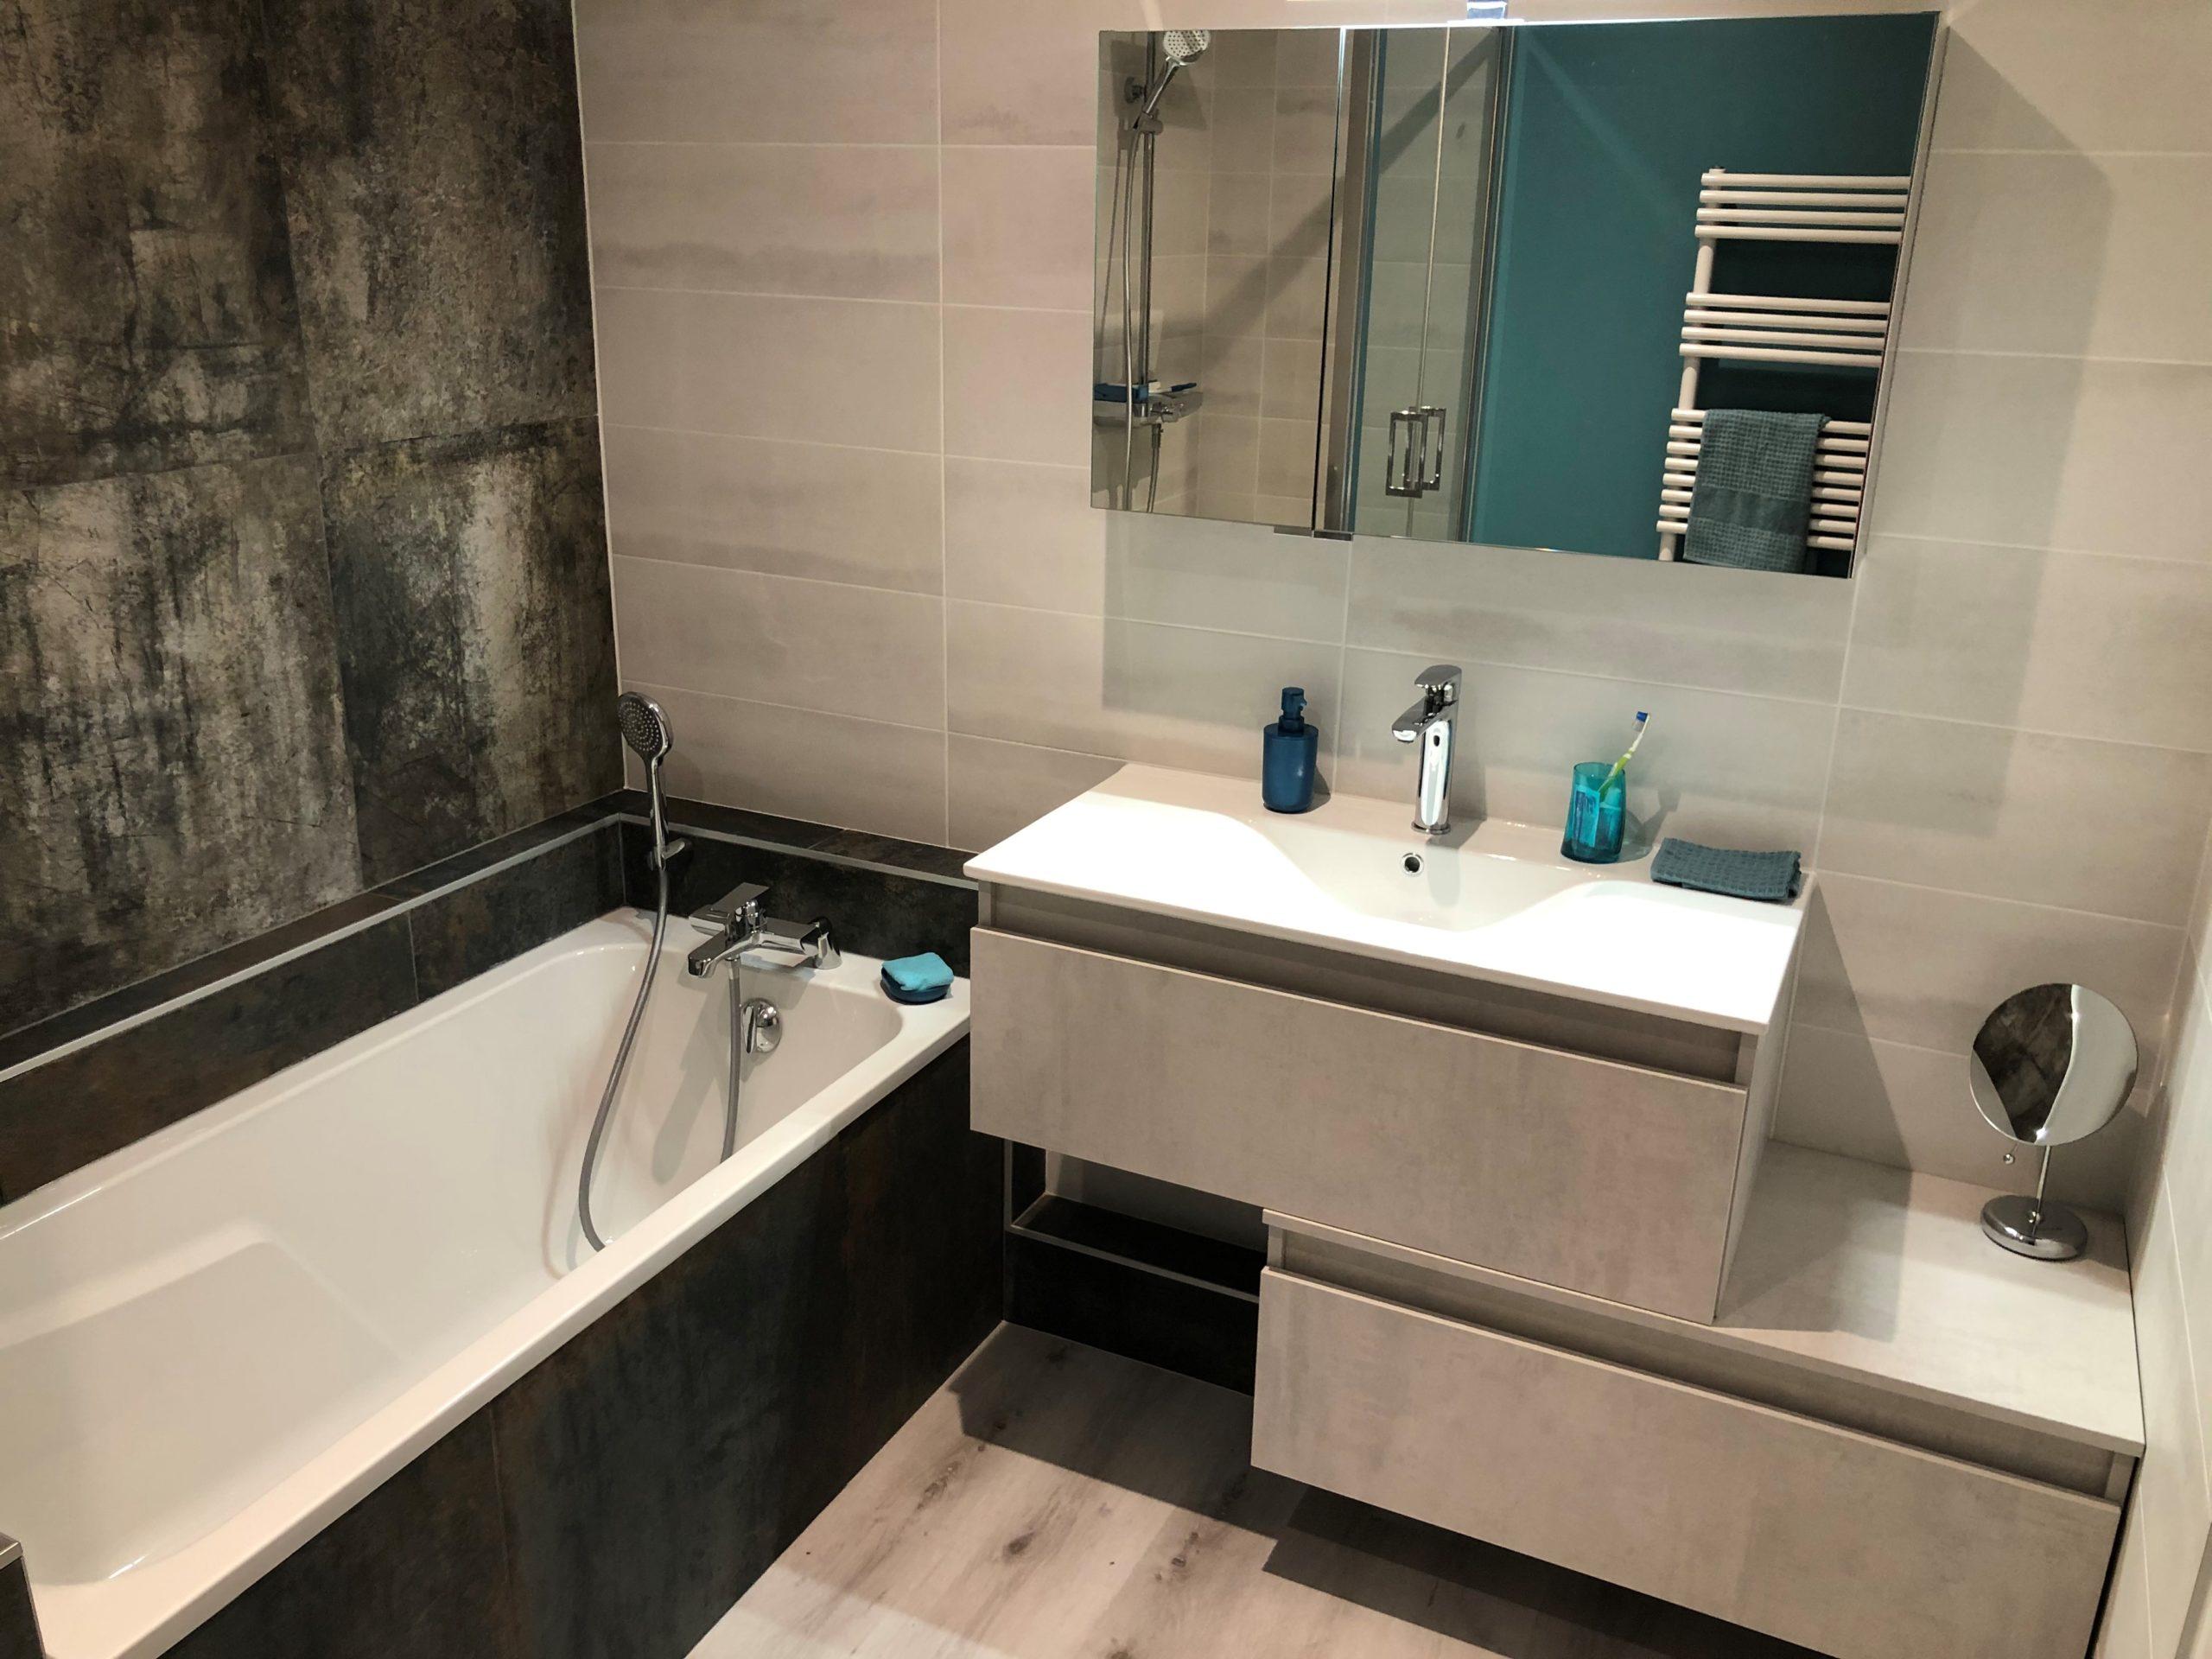 projet salle bain originale coloree baignoire mobilier